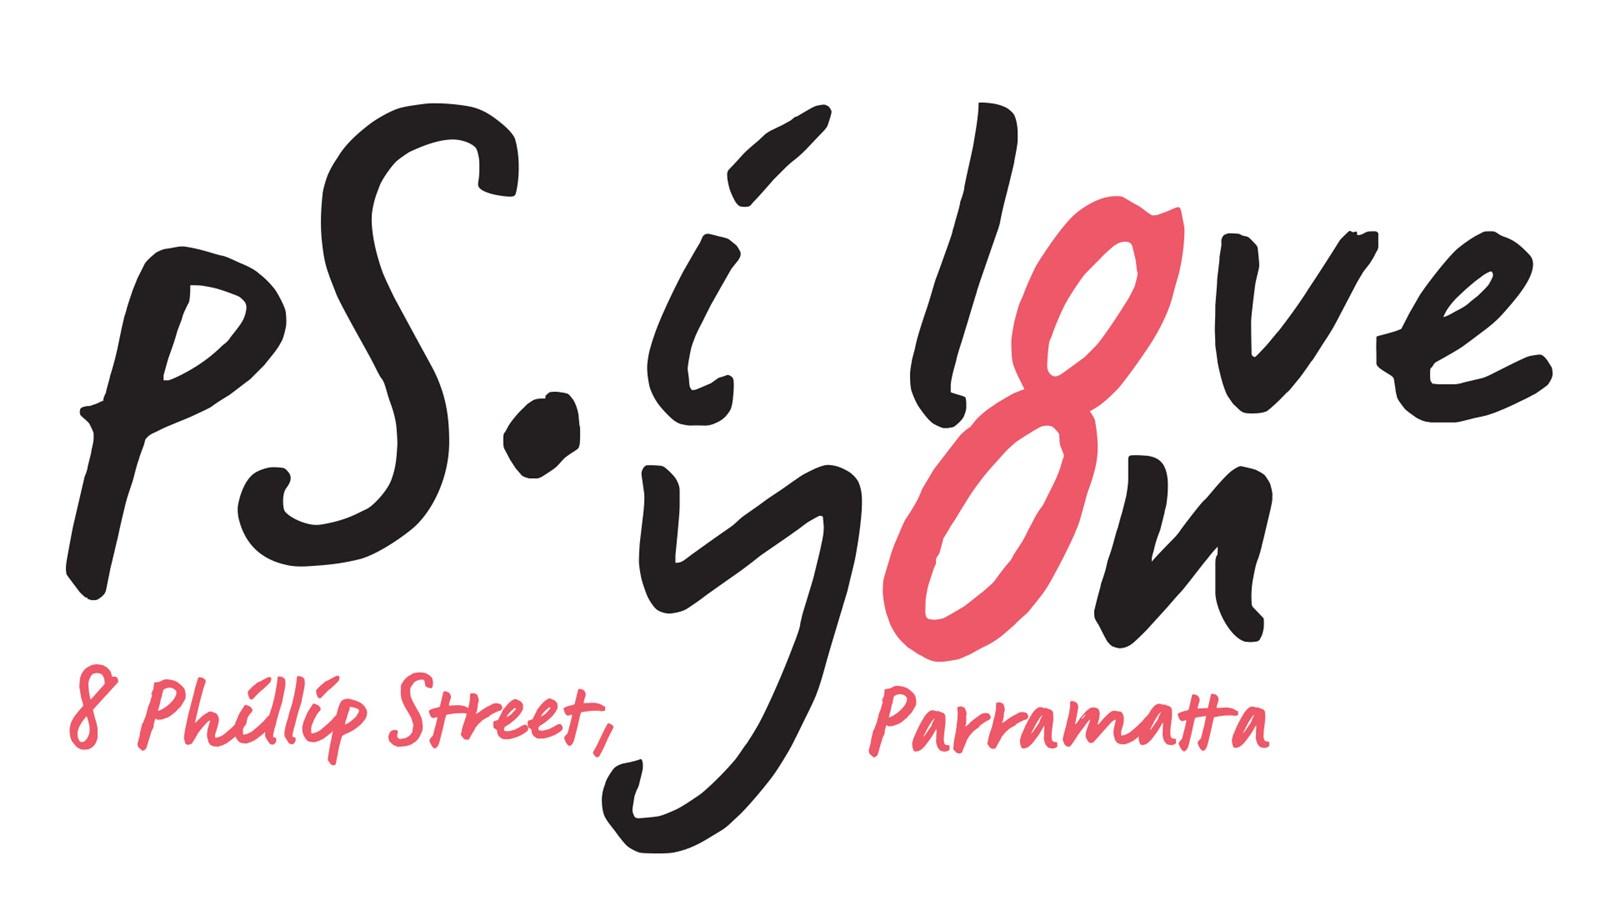 8 Phillip Street, Parramatta